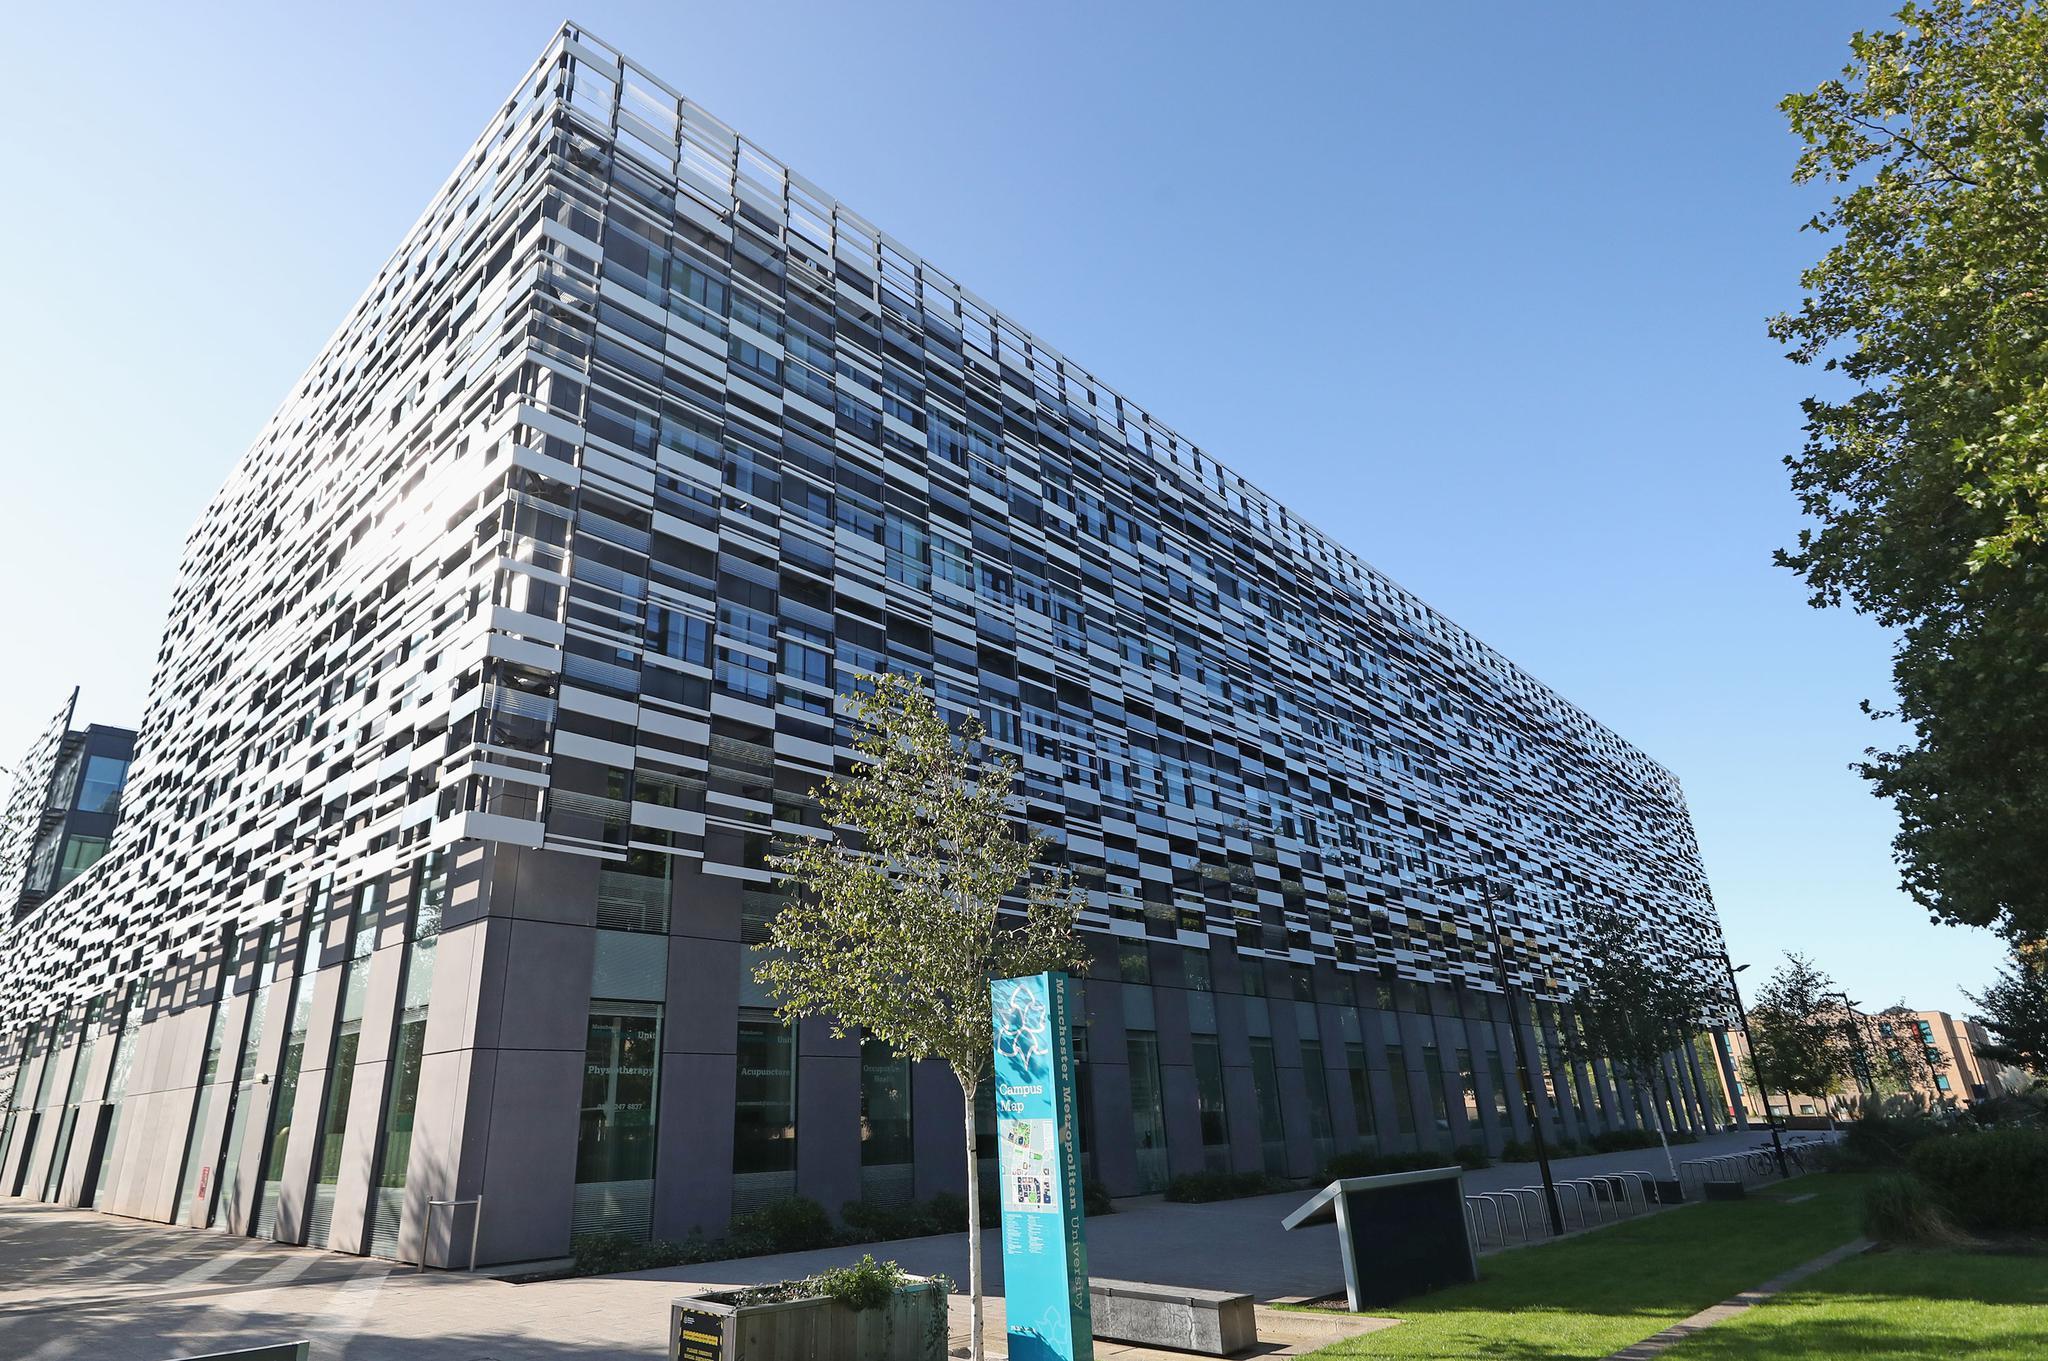 校内确诊127例后 英国一大学1700名学生被隔离两周